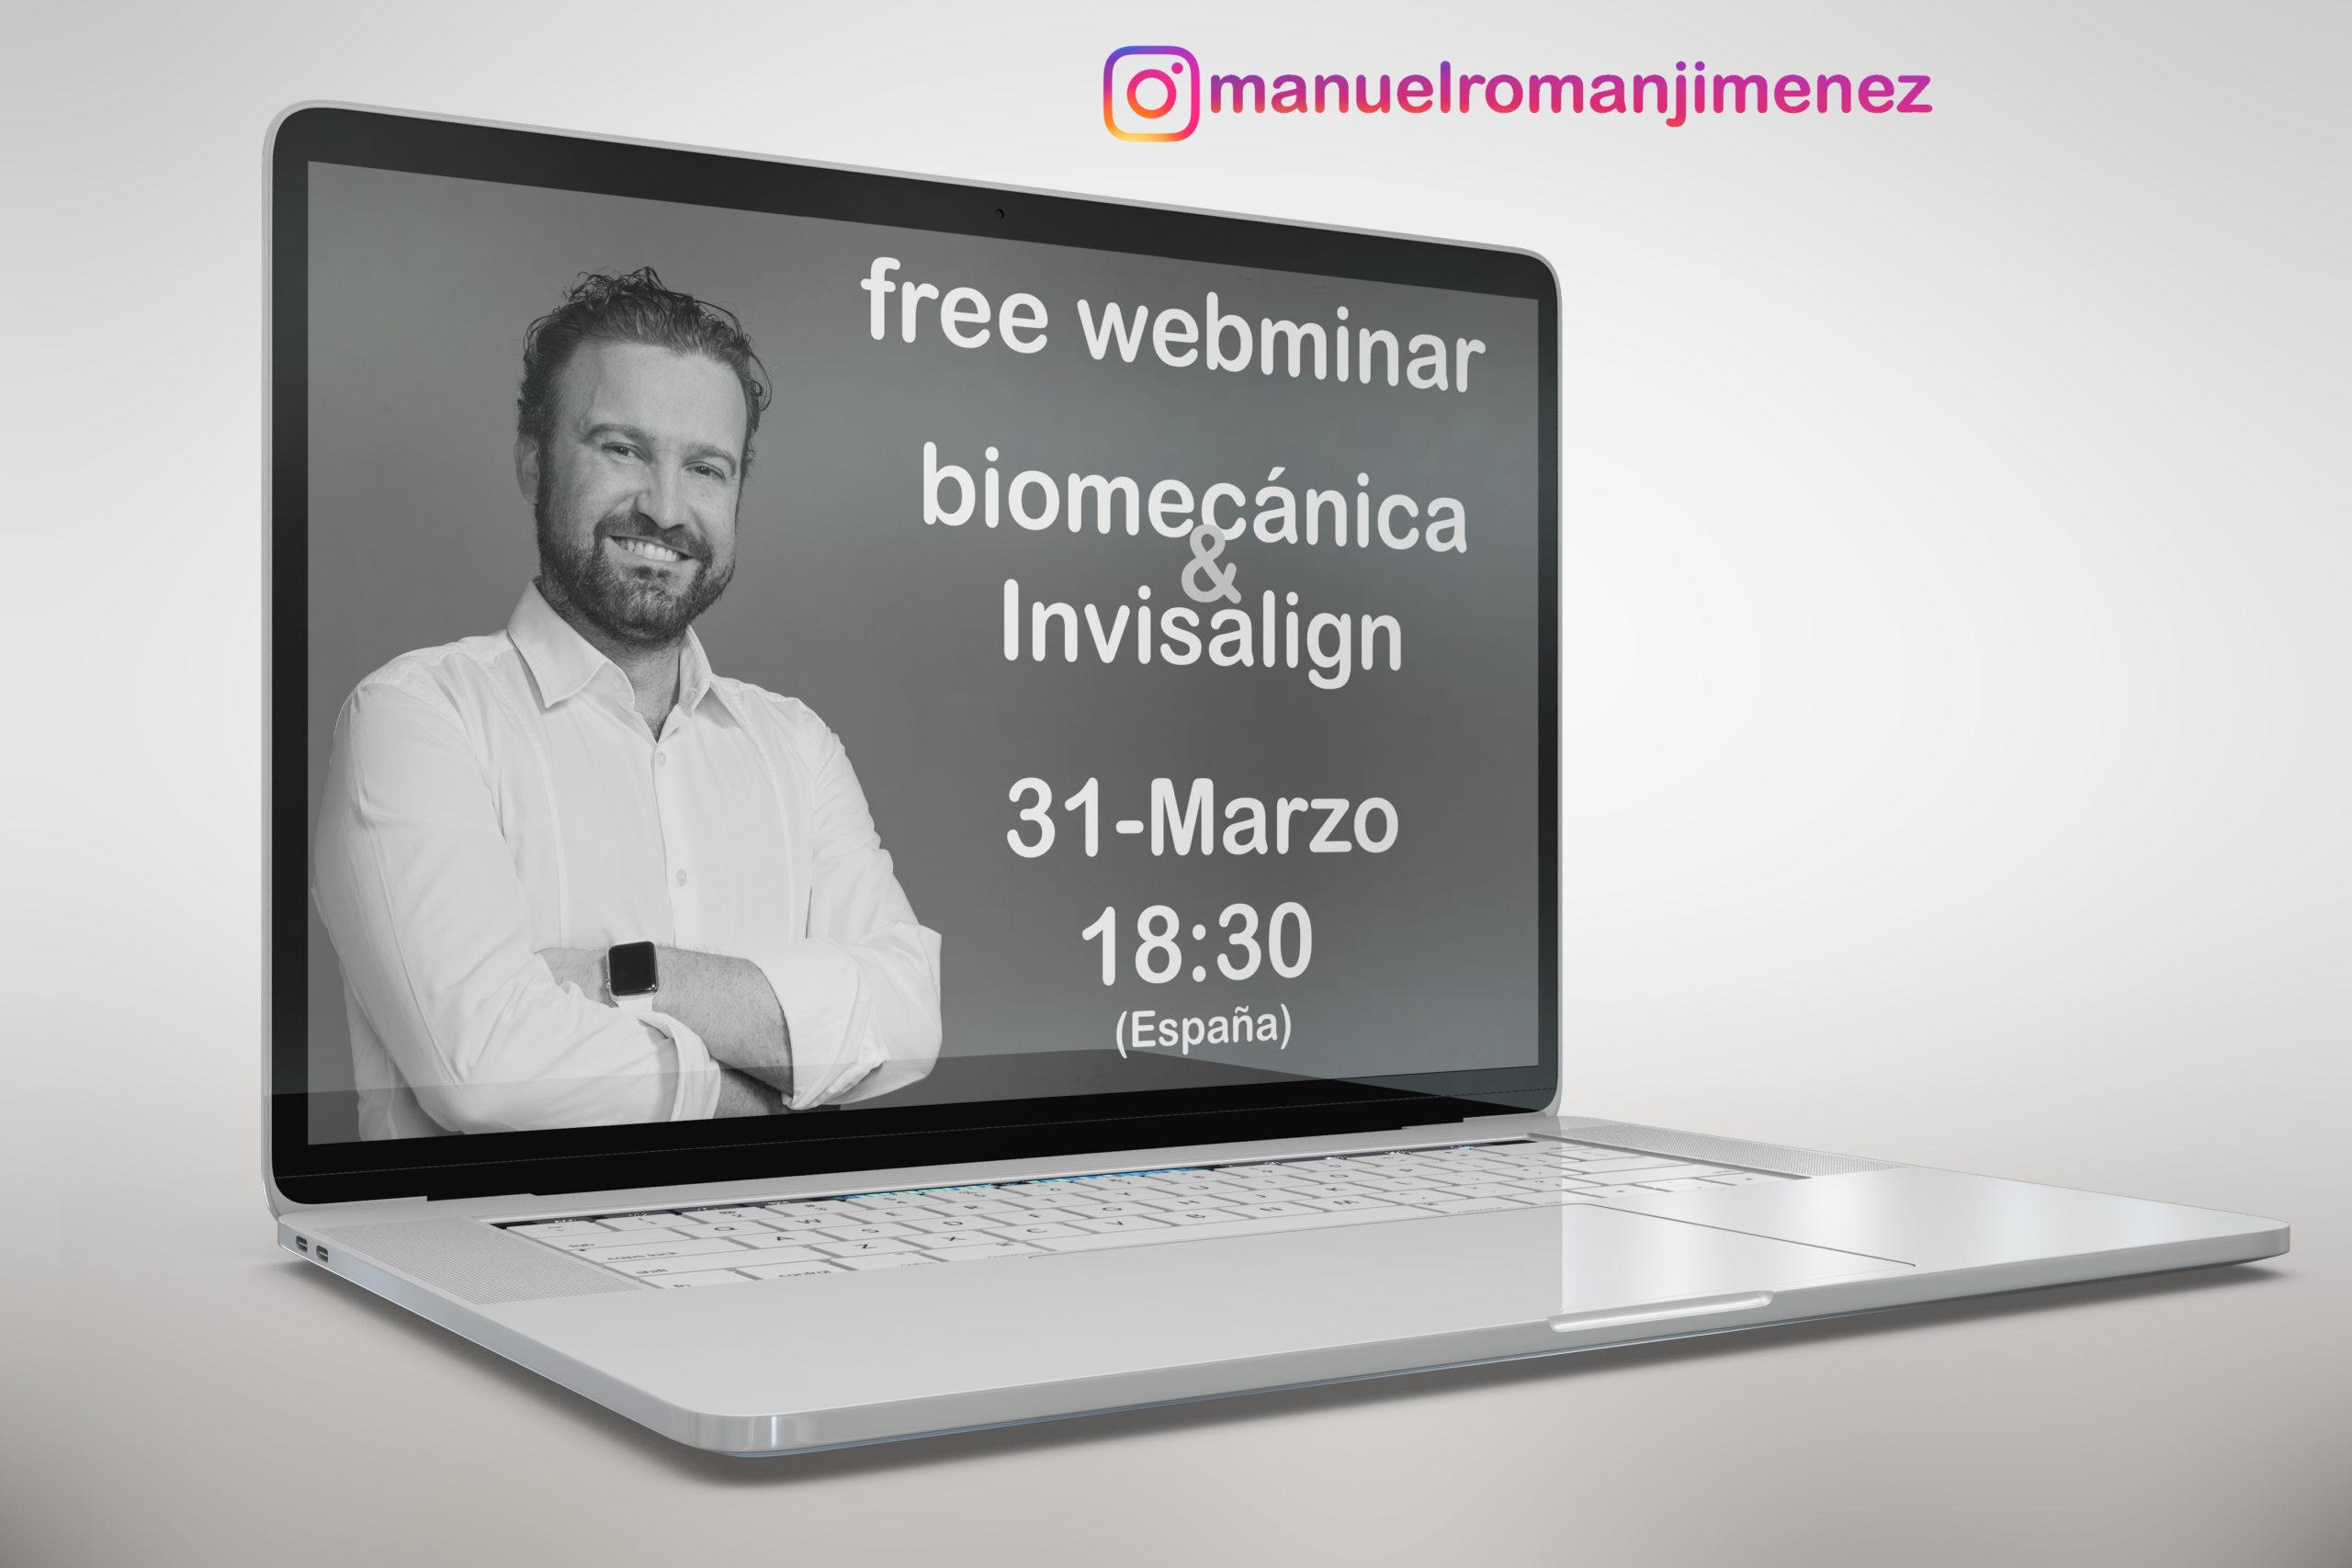 biomecanica Invisalign